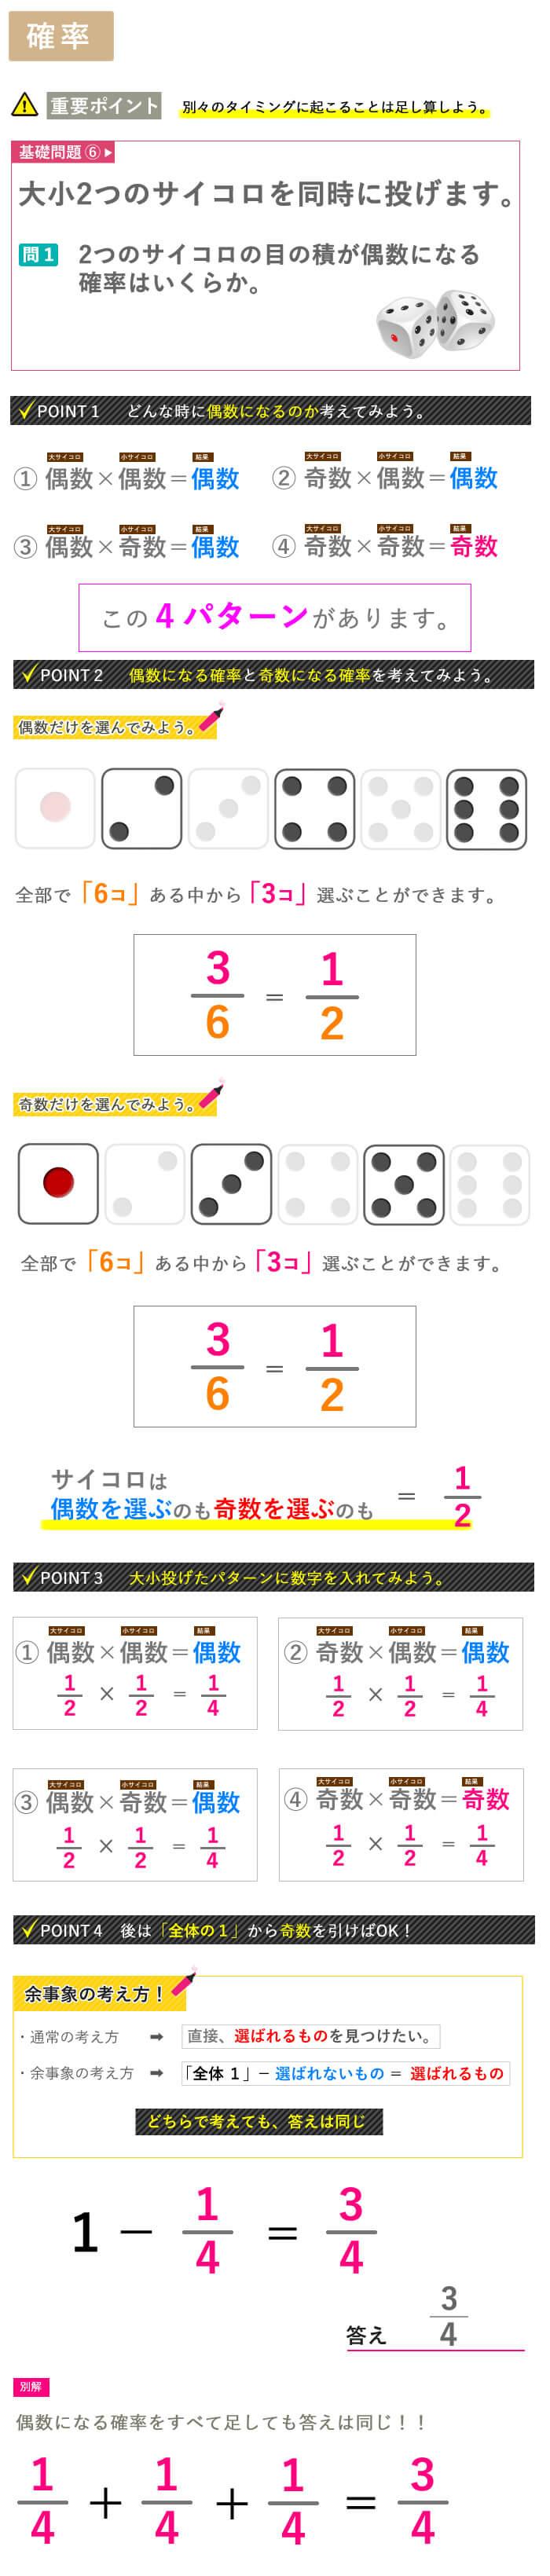 看護予備校大阪KAZアカデミーの場合の数、【確率 その7】画像